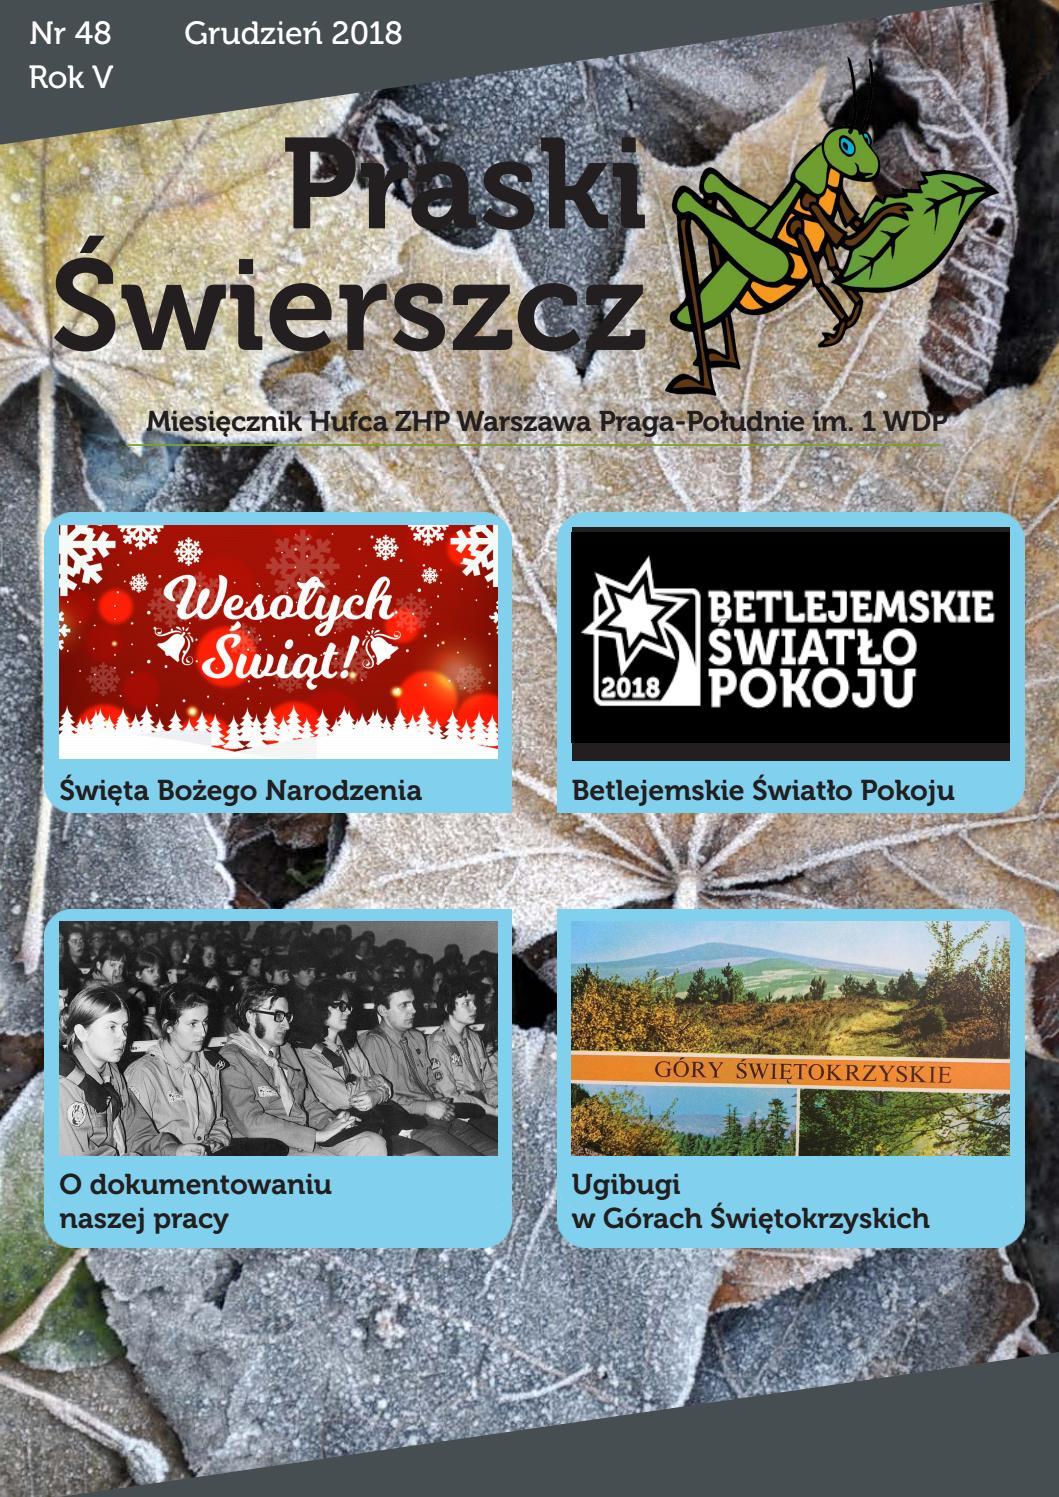 Praski świerszcz Nr 48 By Zhp Praga Południe Issuu